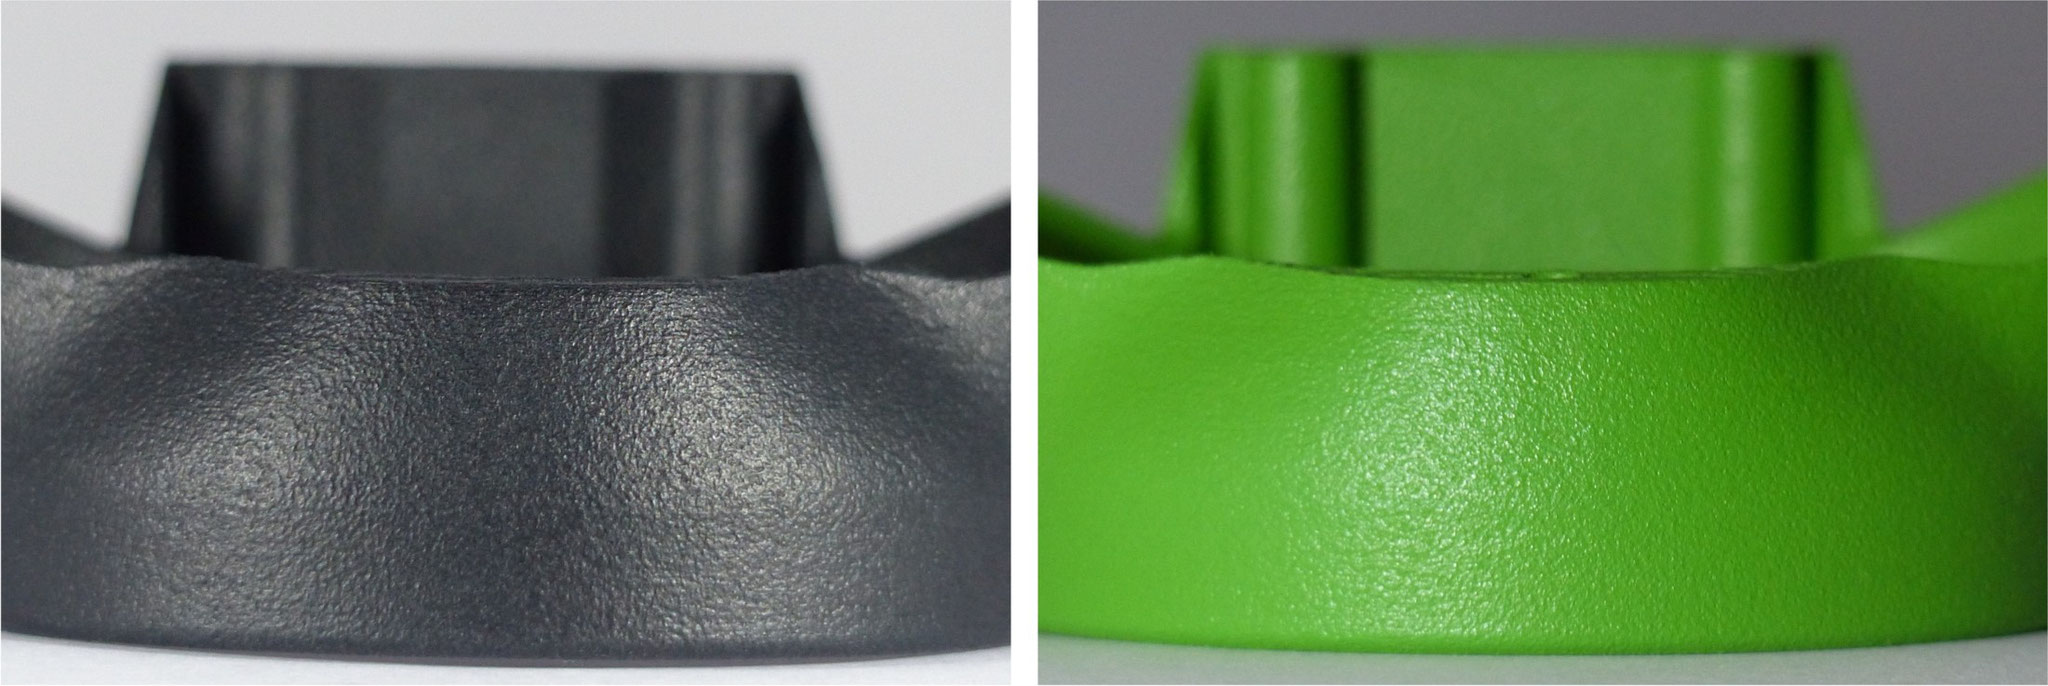 MFD - Finishmethoden ermöglichen Serienfertigung per SLS-Verfahren / 3D-Druck - Oberflächen ähnlich VDI3400